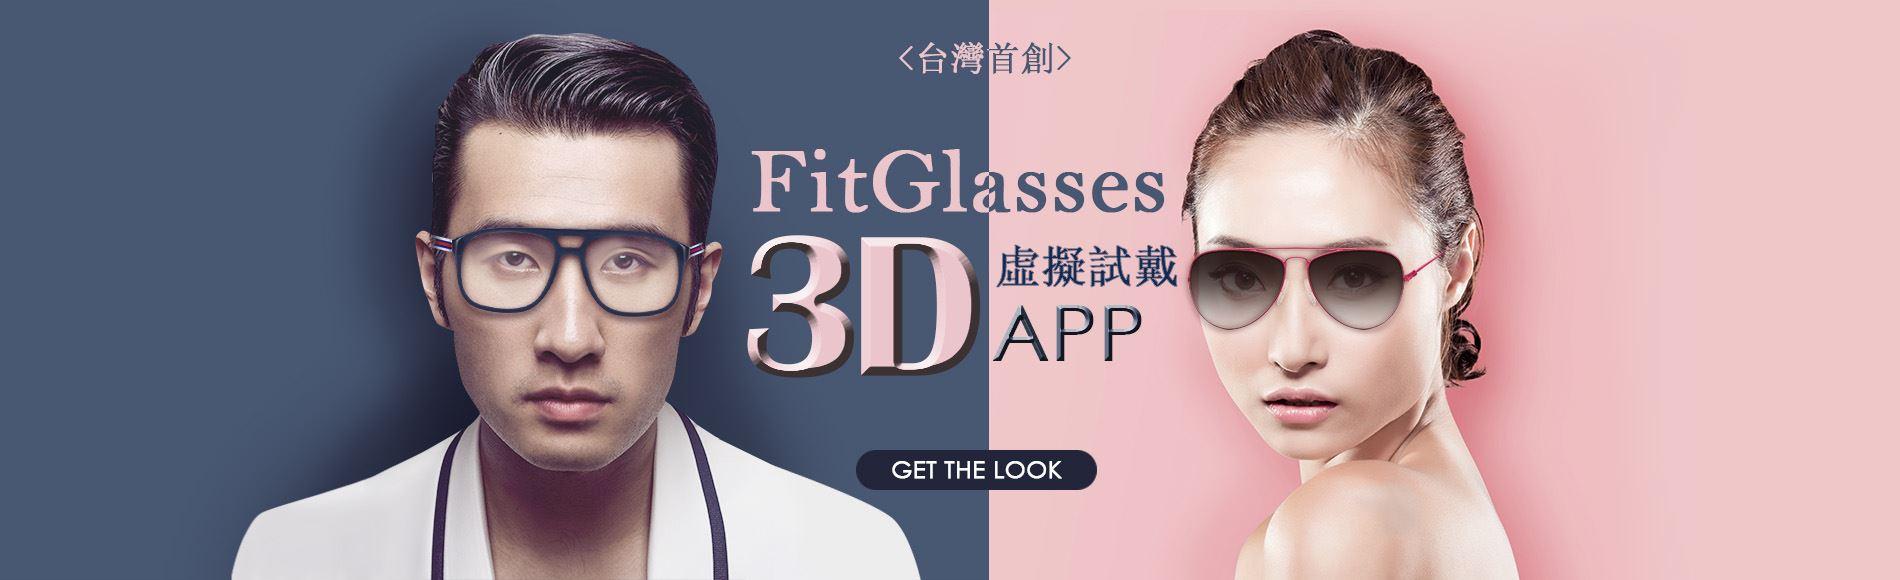 太陽眼鏡、眼鏡3D試戴AR APP